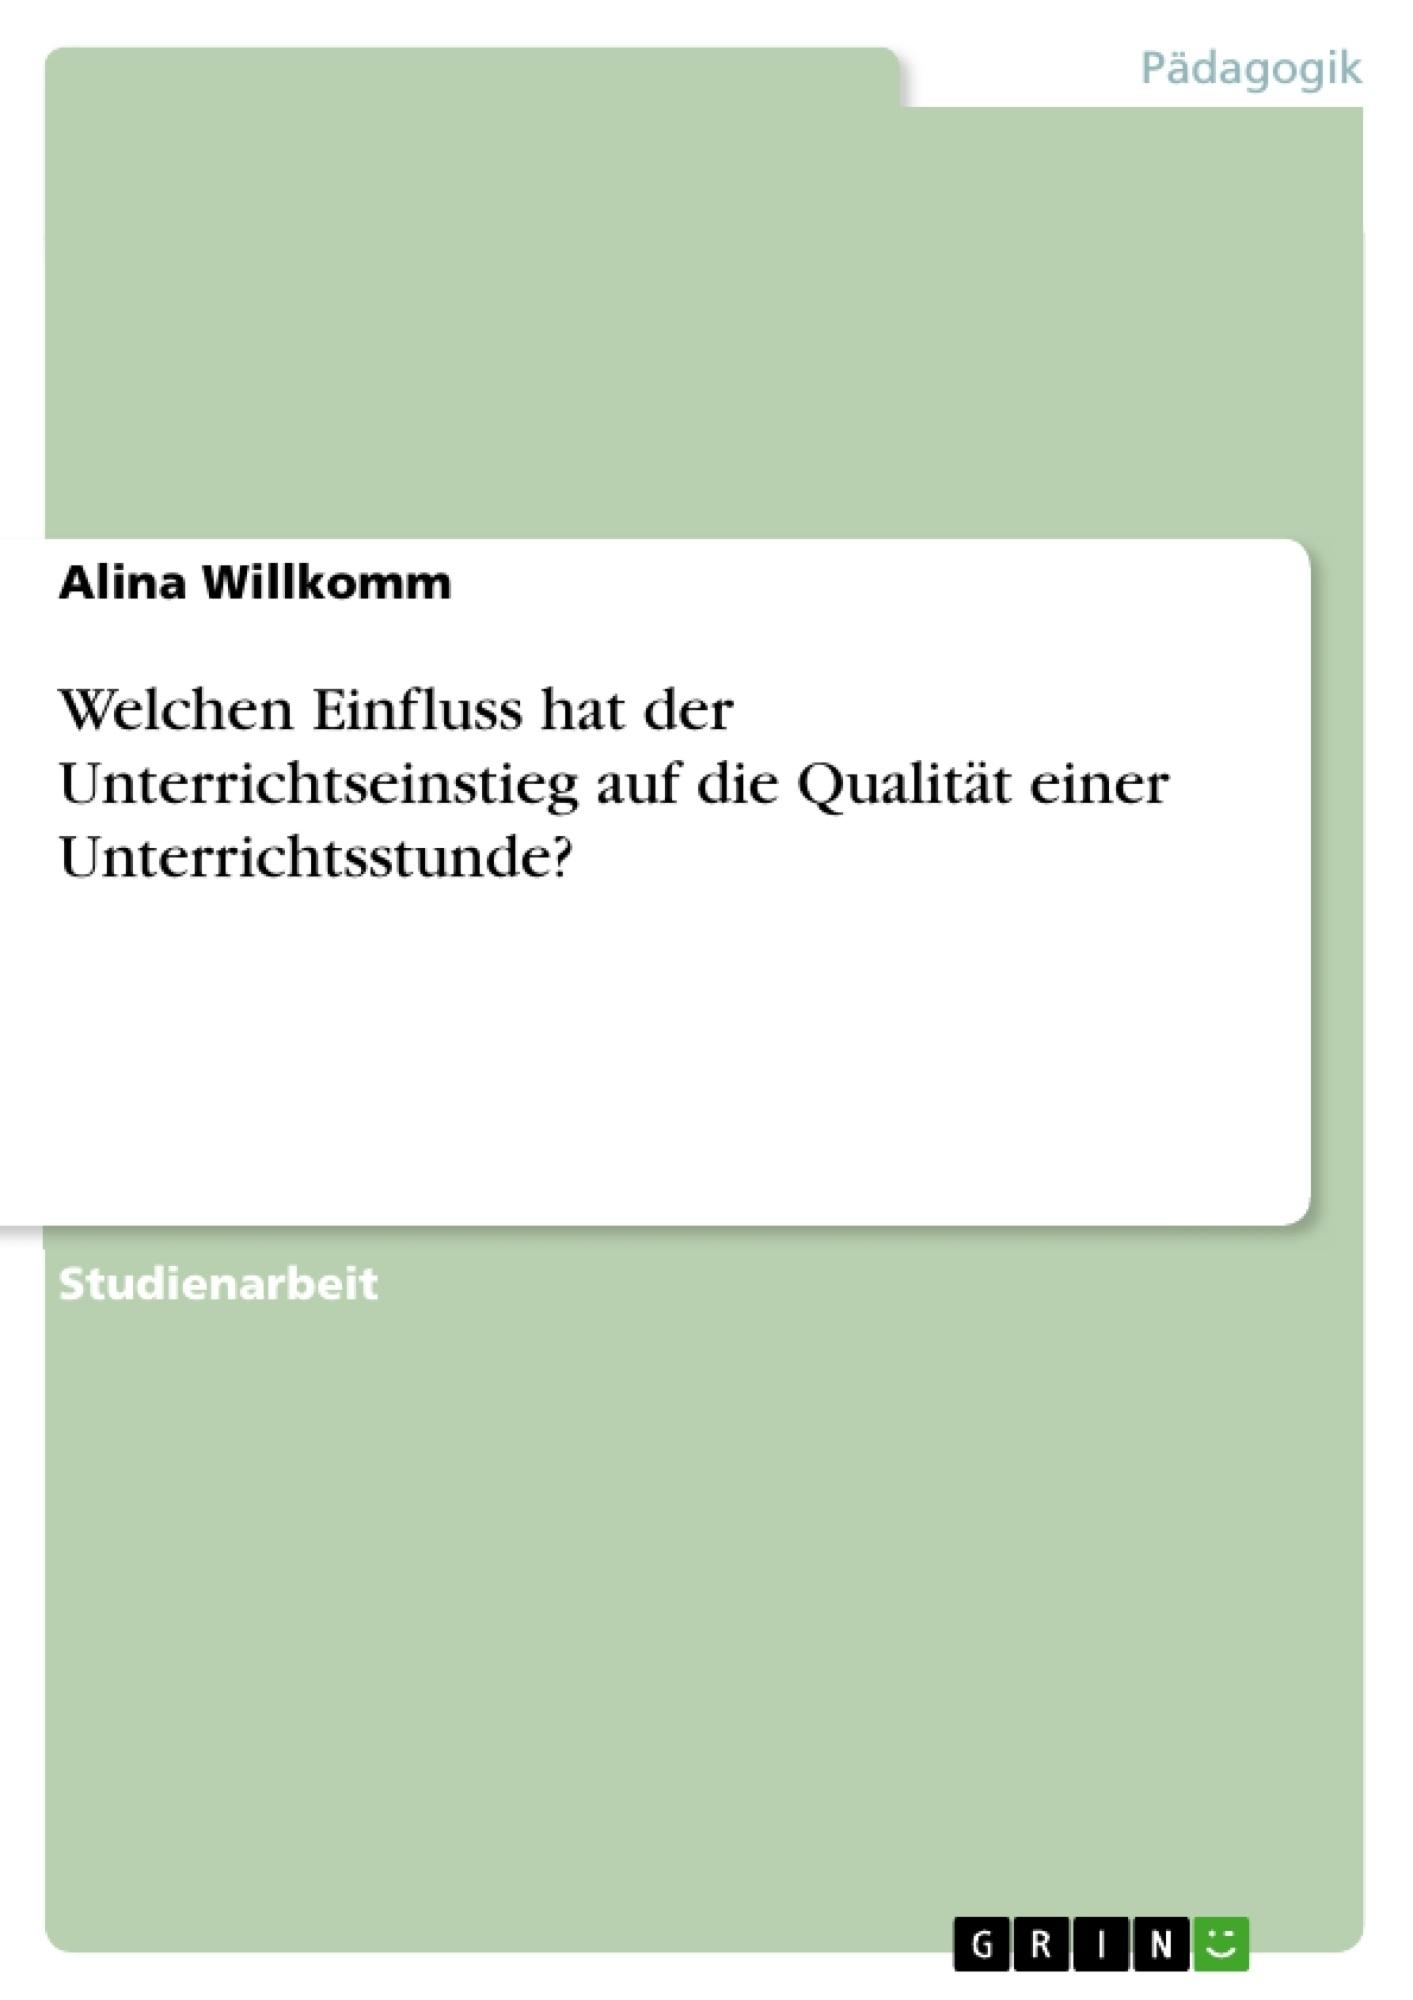 Titel: Welchen Einfluss hat der Unterrichtseinstieg auf die Qualität einer Unterrichtsstunde?